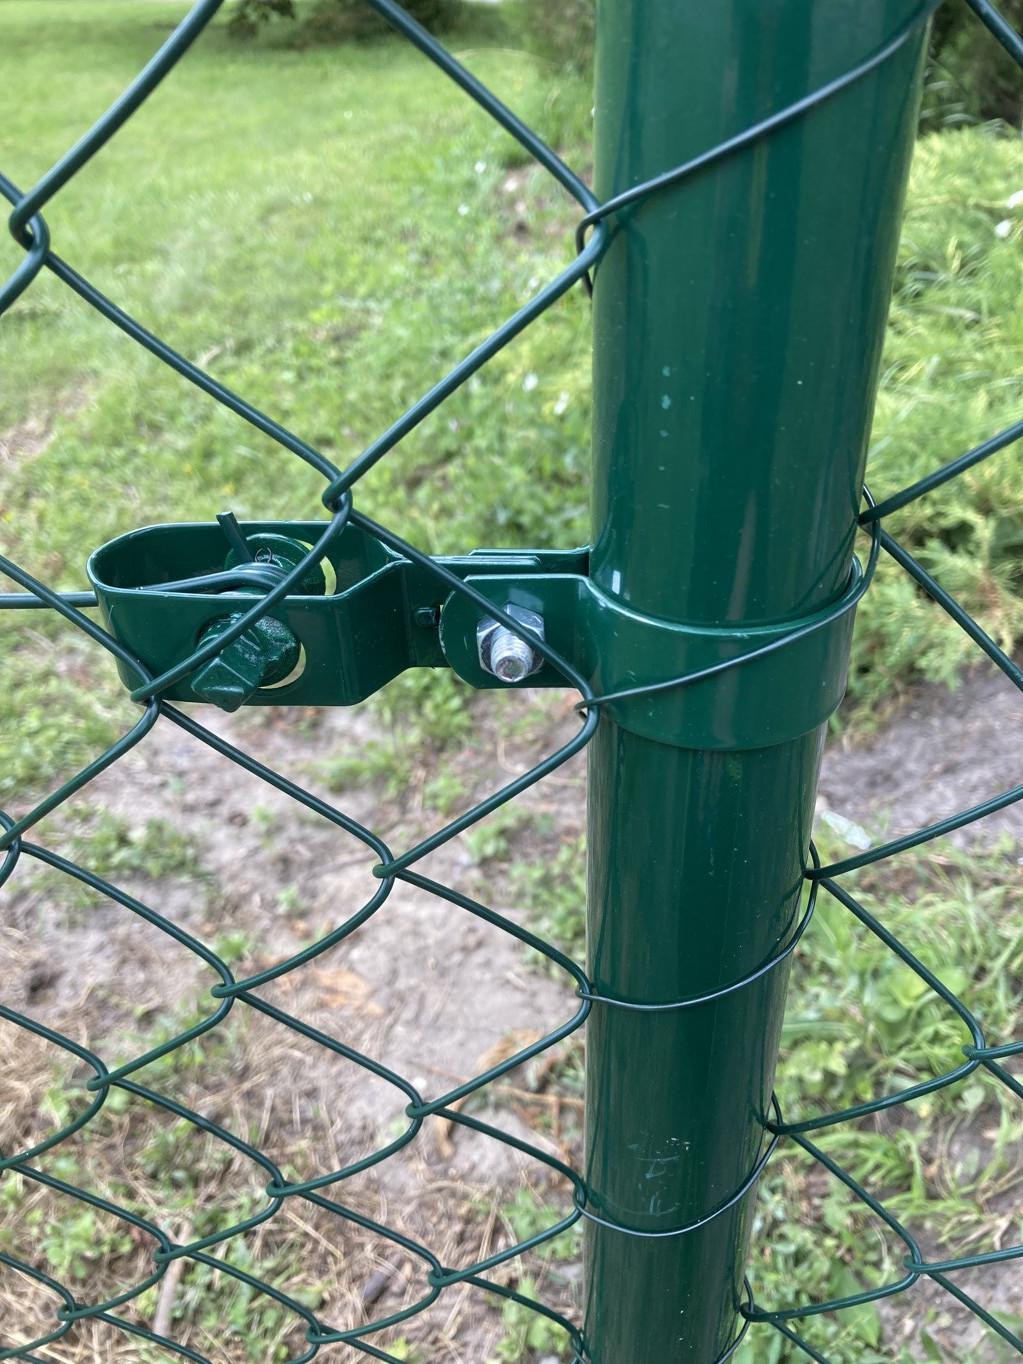 Objímka SUPER na sloupek 48 mm, zelená